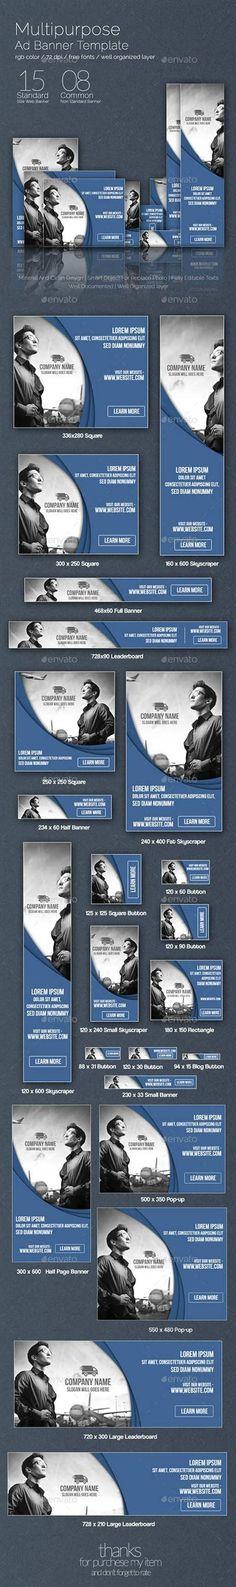 GraphicRiver - Multipurpose Web Banner 8878826